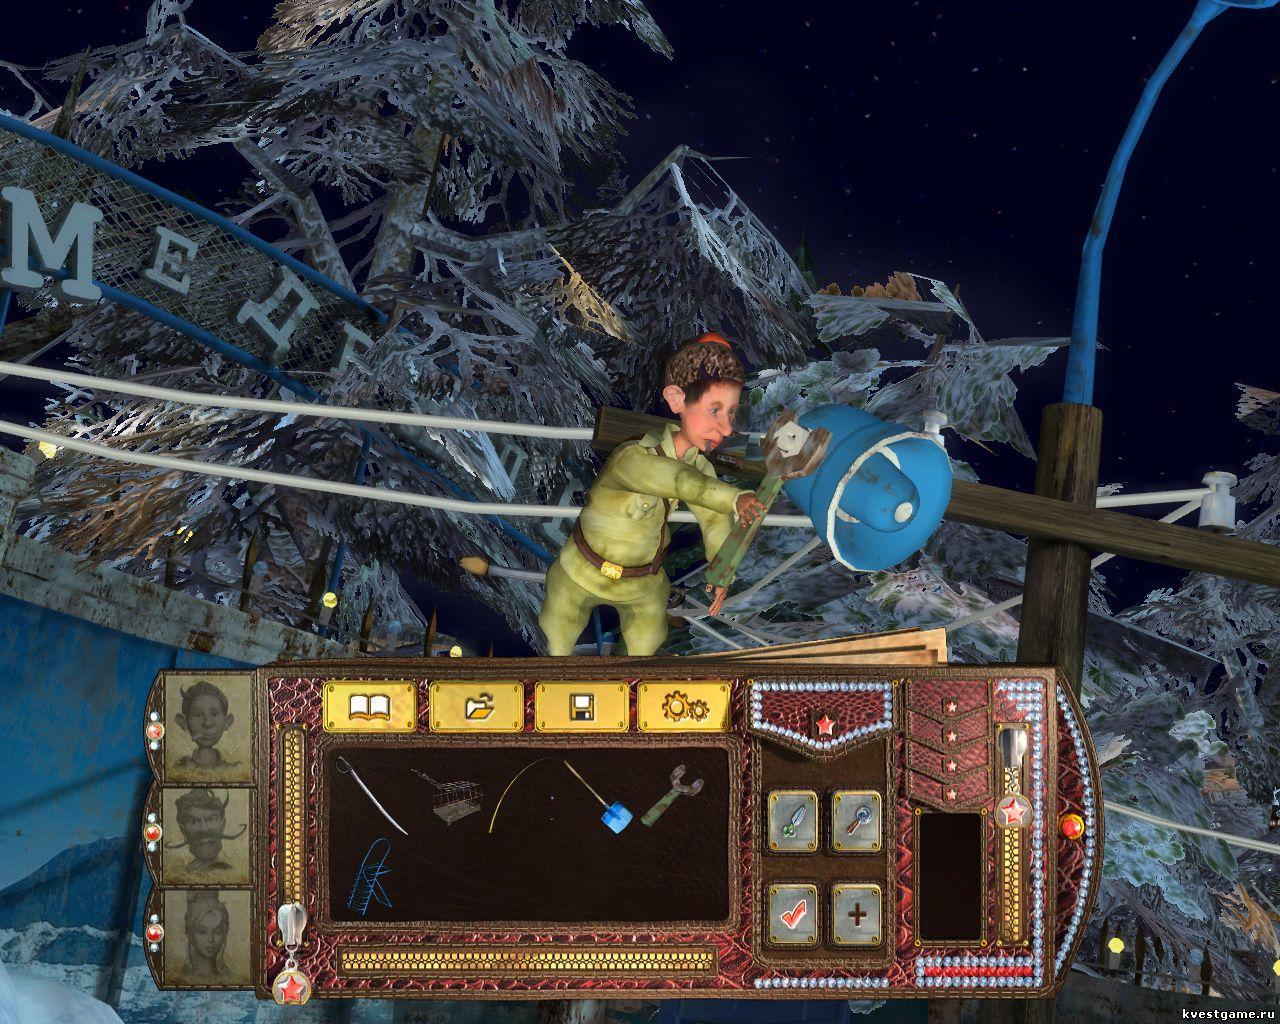 Петька 9 - Петька снимает рупор со столба (уровень 4)